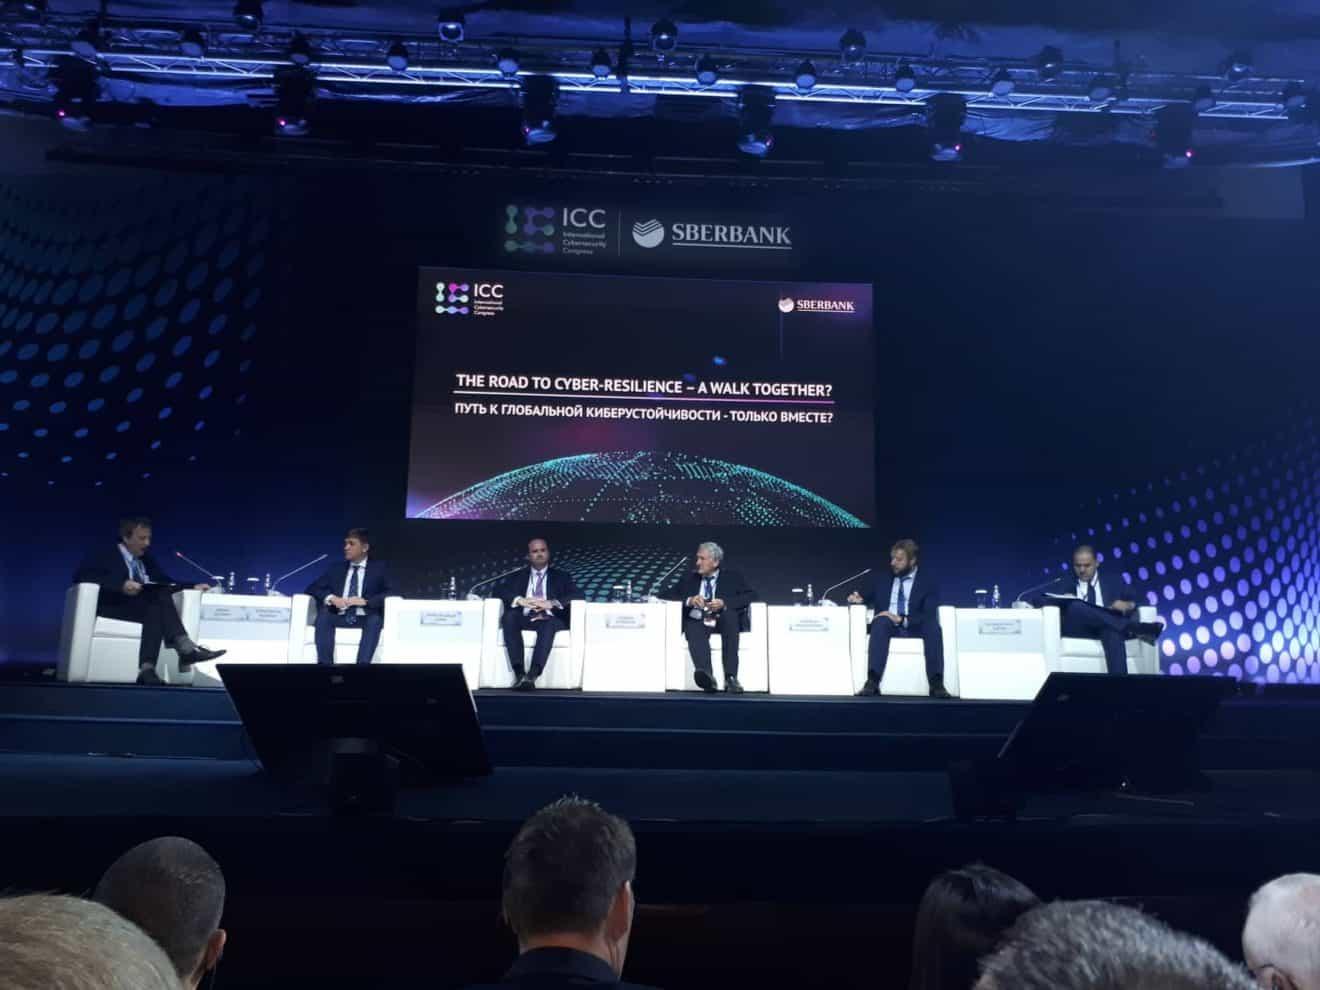 НАМИБ принимает участие во 2-м Международном конгрессе по кибербезопасности ПАО Сбербанка в Москве.